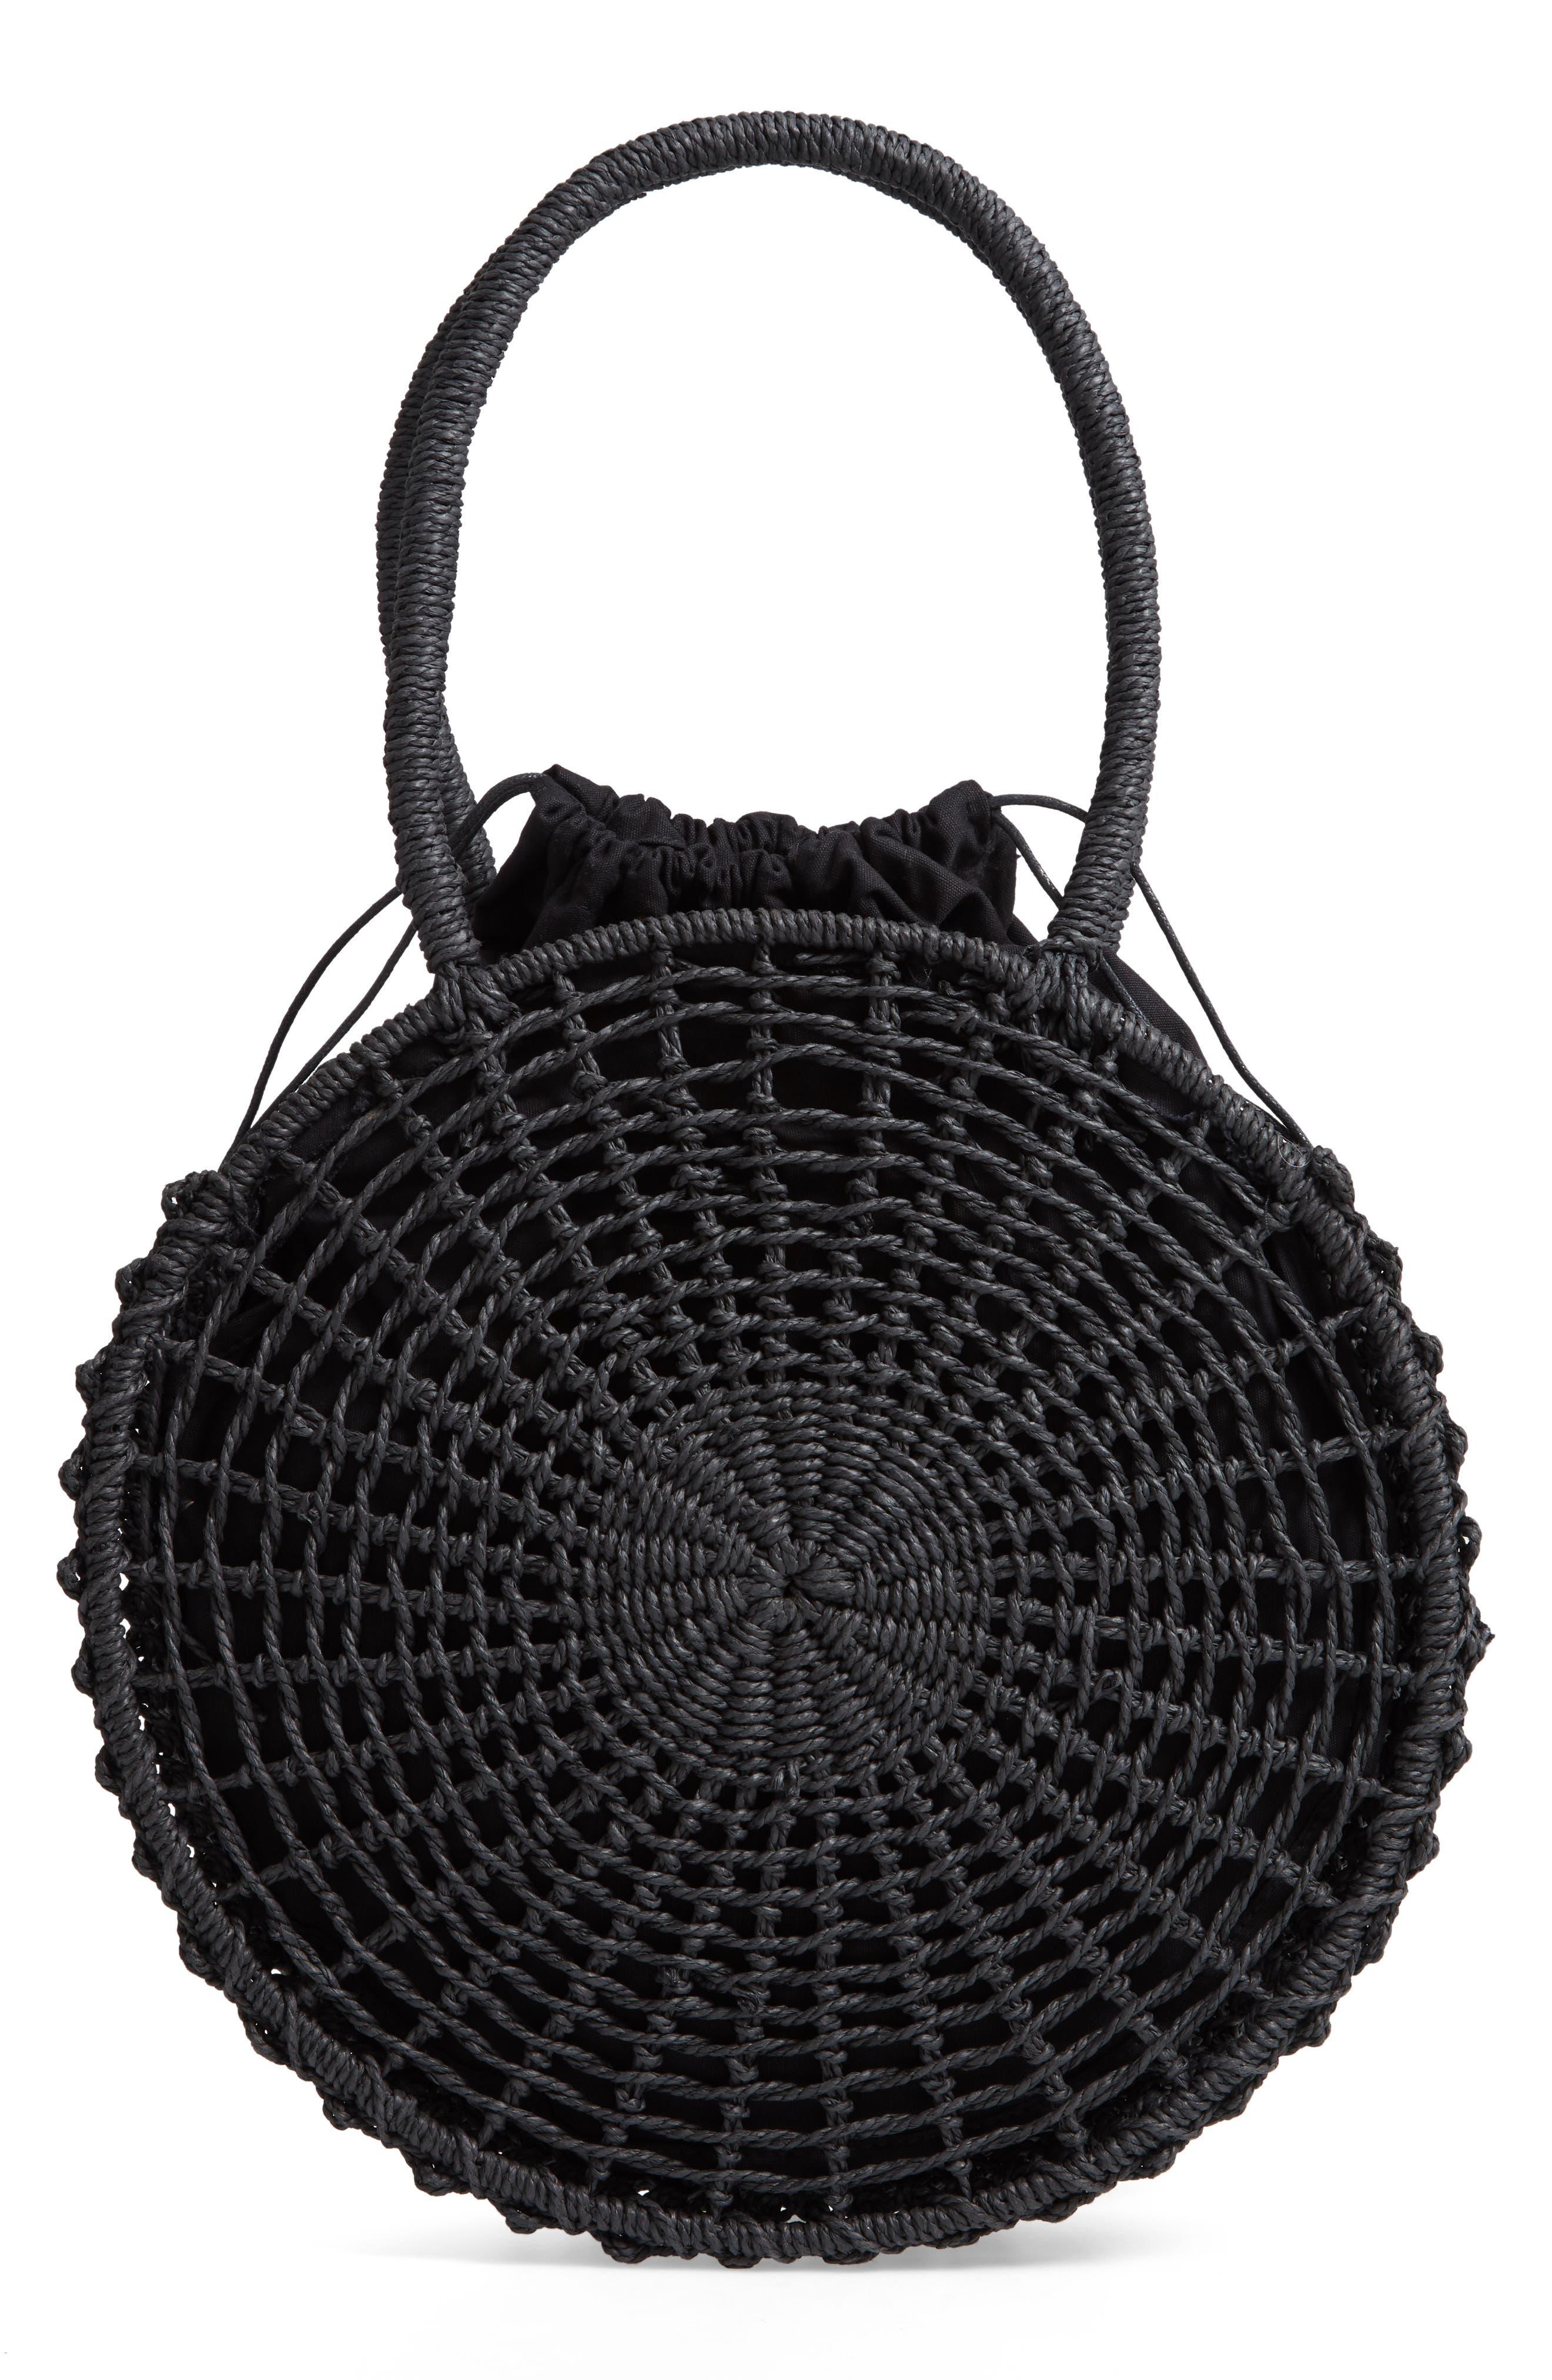 Bella Straw Circle Tote Handbag,                             Main thumbnail 1, color,                             BLACK